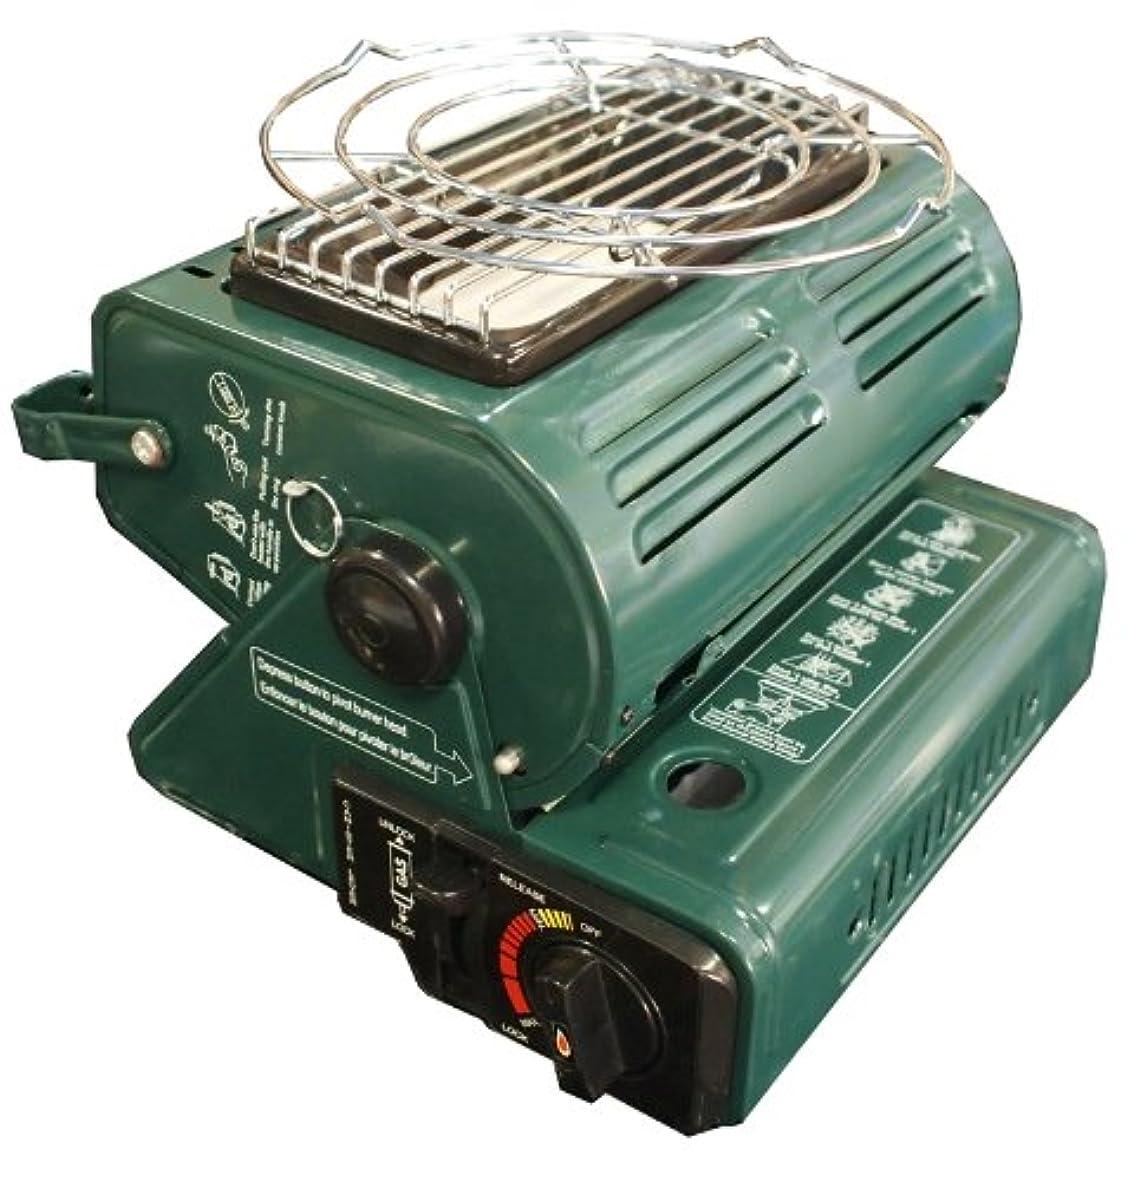 爆風百年高度電池不要●2wayストーブとコンロの1台2役★ポータブル式カセットガスストーブ【日本語説明書付】